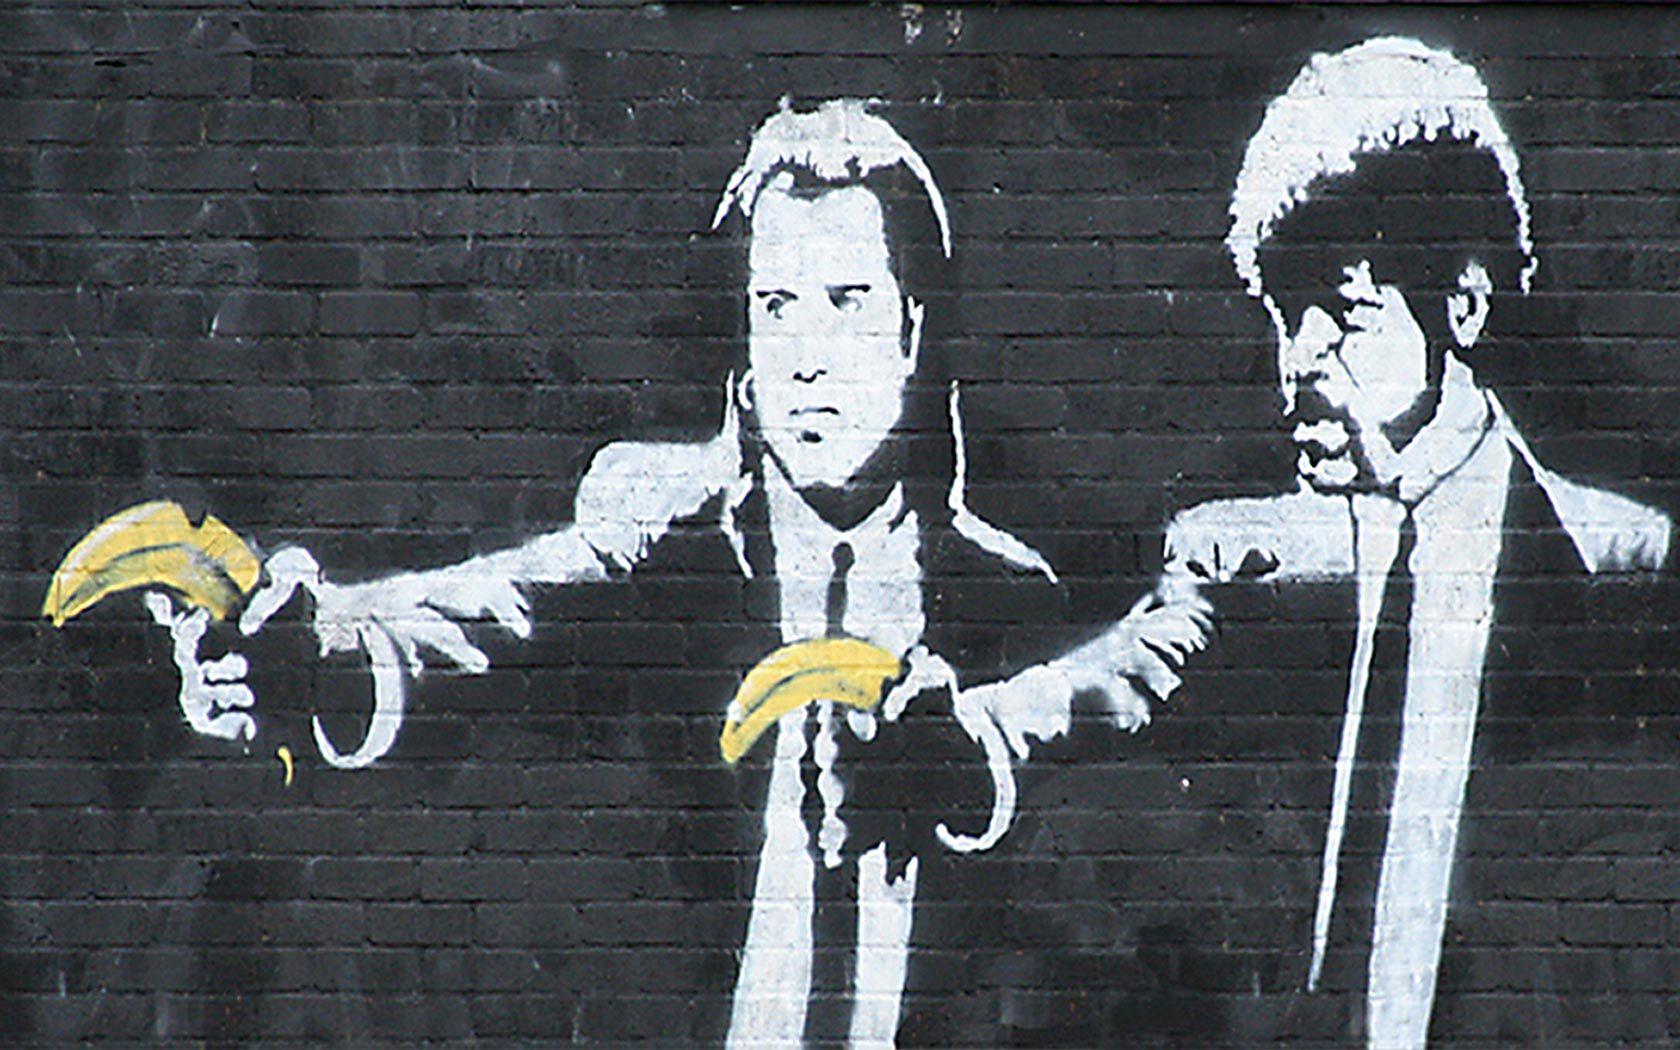 Выставка «Бэнкси: гений или вандал? Решаешь ты!» фото 3